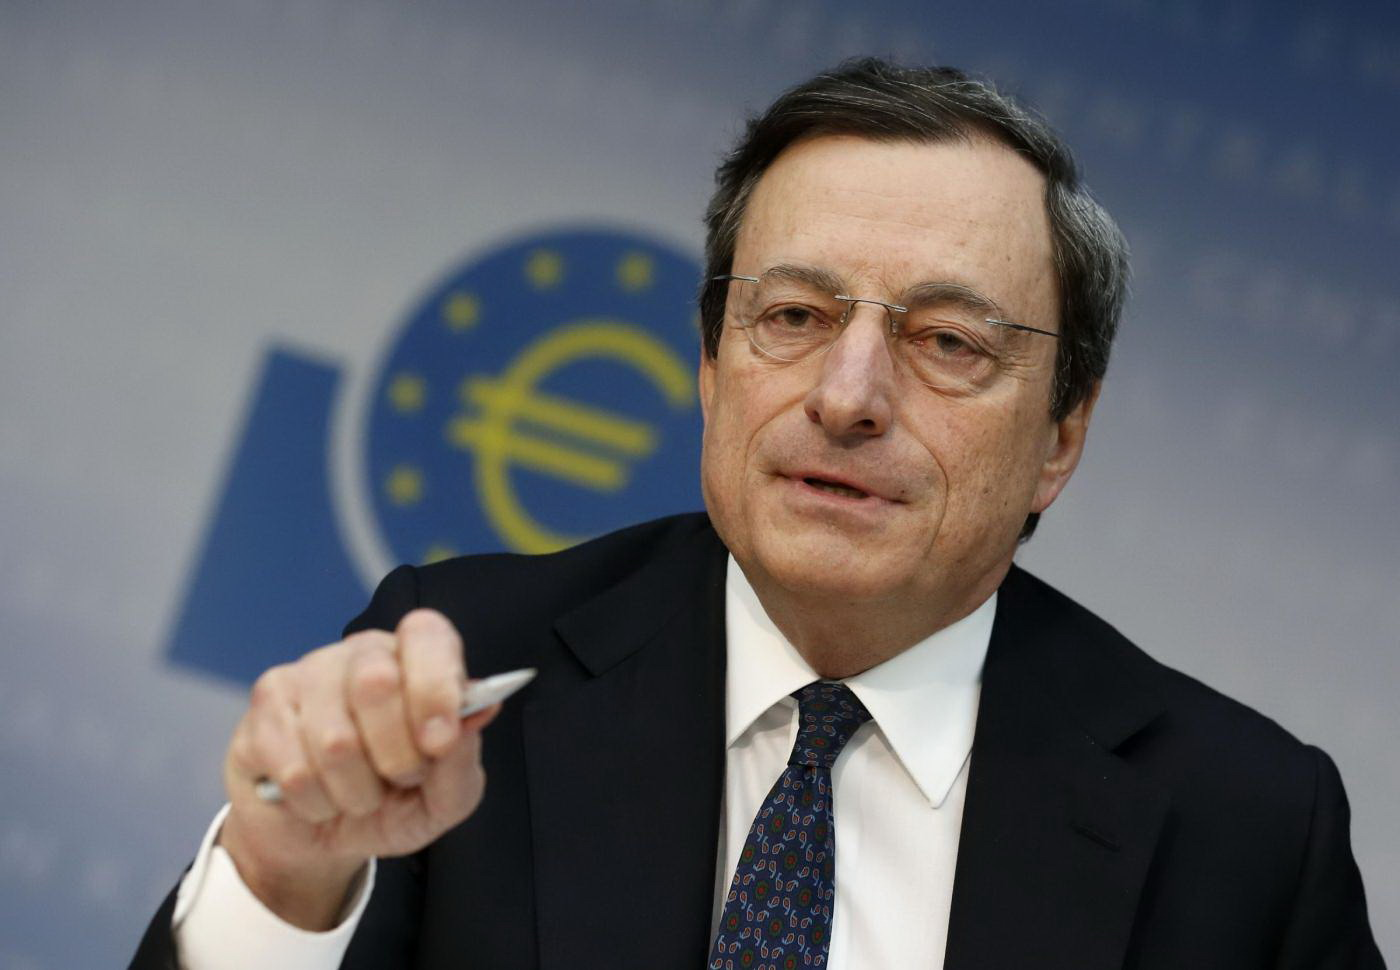 Η κυβέρνηση παρουσίασε στον Draghi το σχέδιο εξόδου